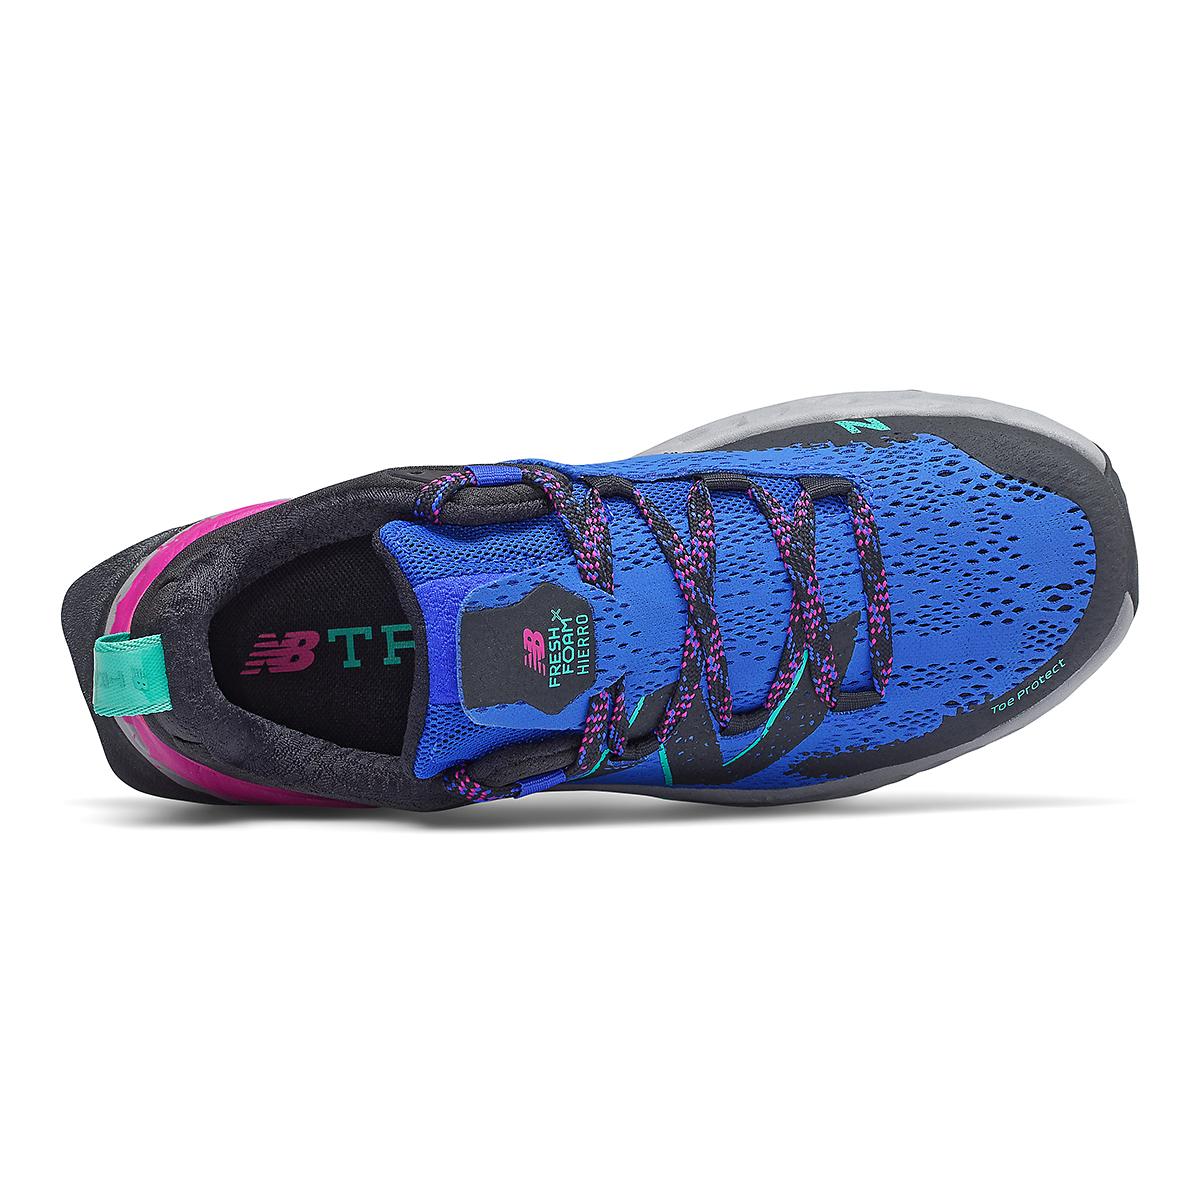 Women's New Balance Hierro V5 Running Shoe - Color: Cobalt - Size: 5.5 - Width: Regular, Cobalt, large, image 3